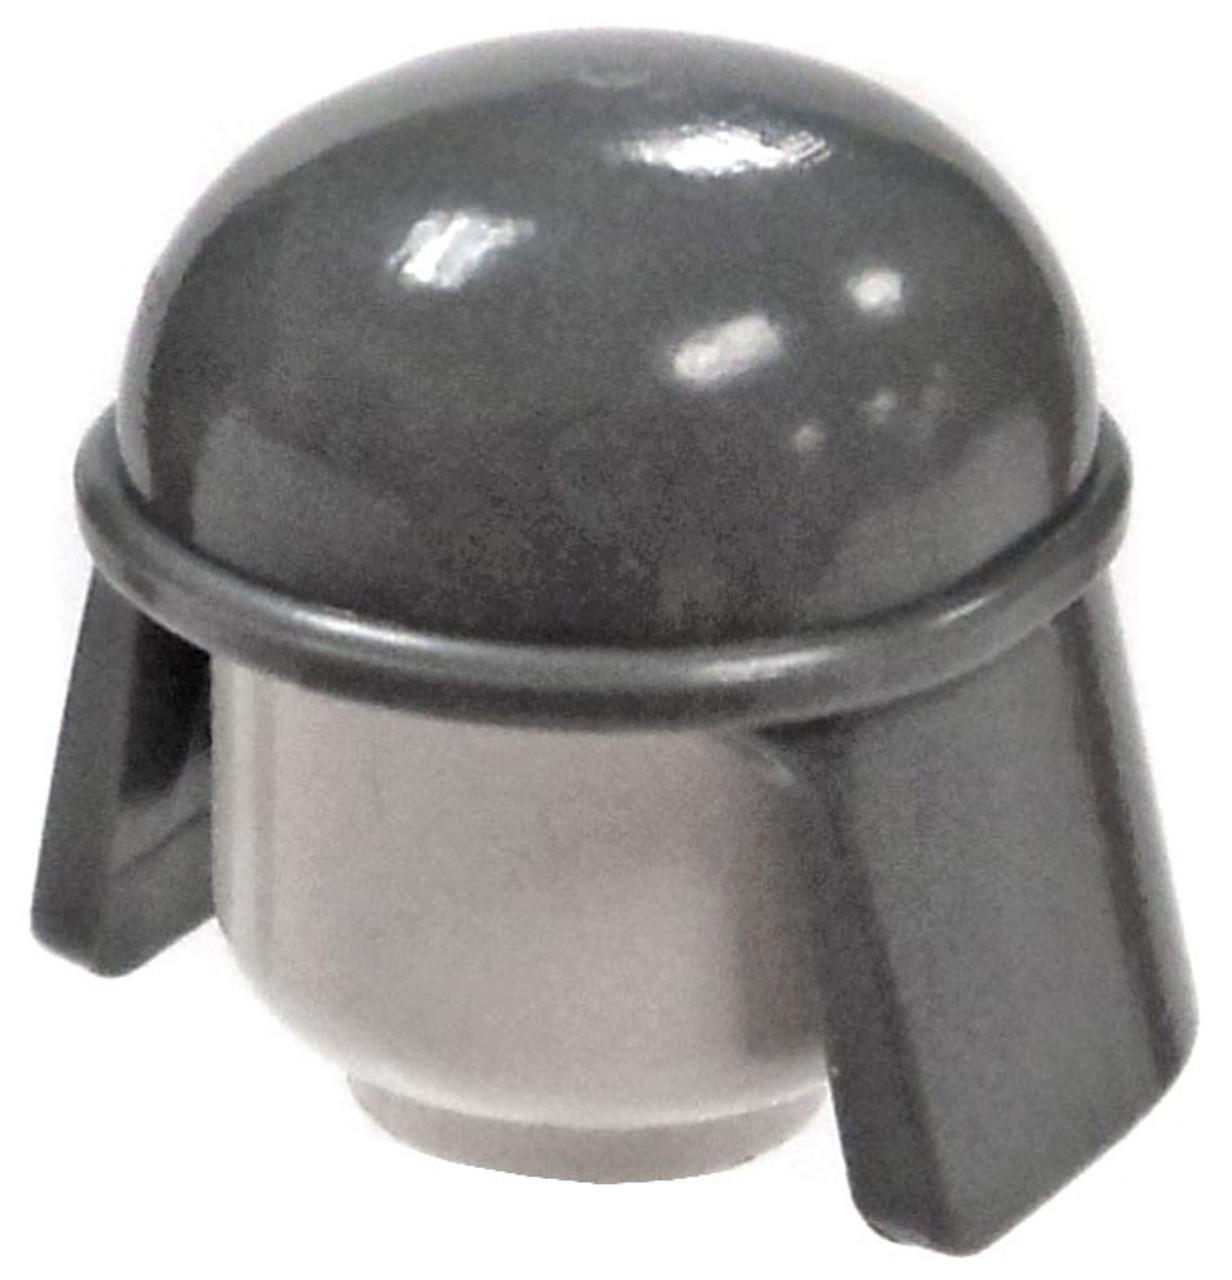 4a4bbb8c LEGO City Headgear Gray AT-ST Pilot Helmet Loose - ToyWiz